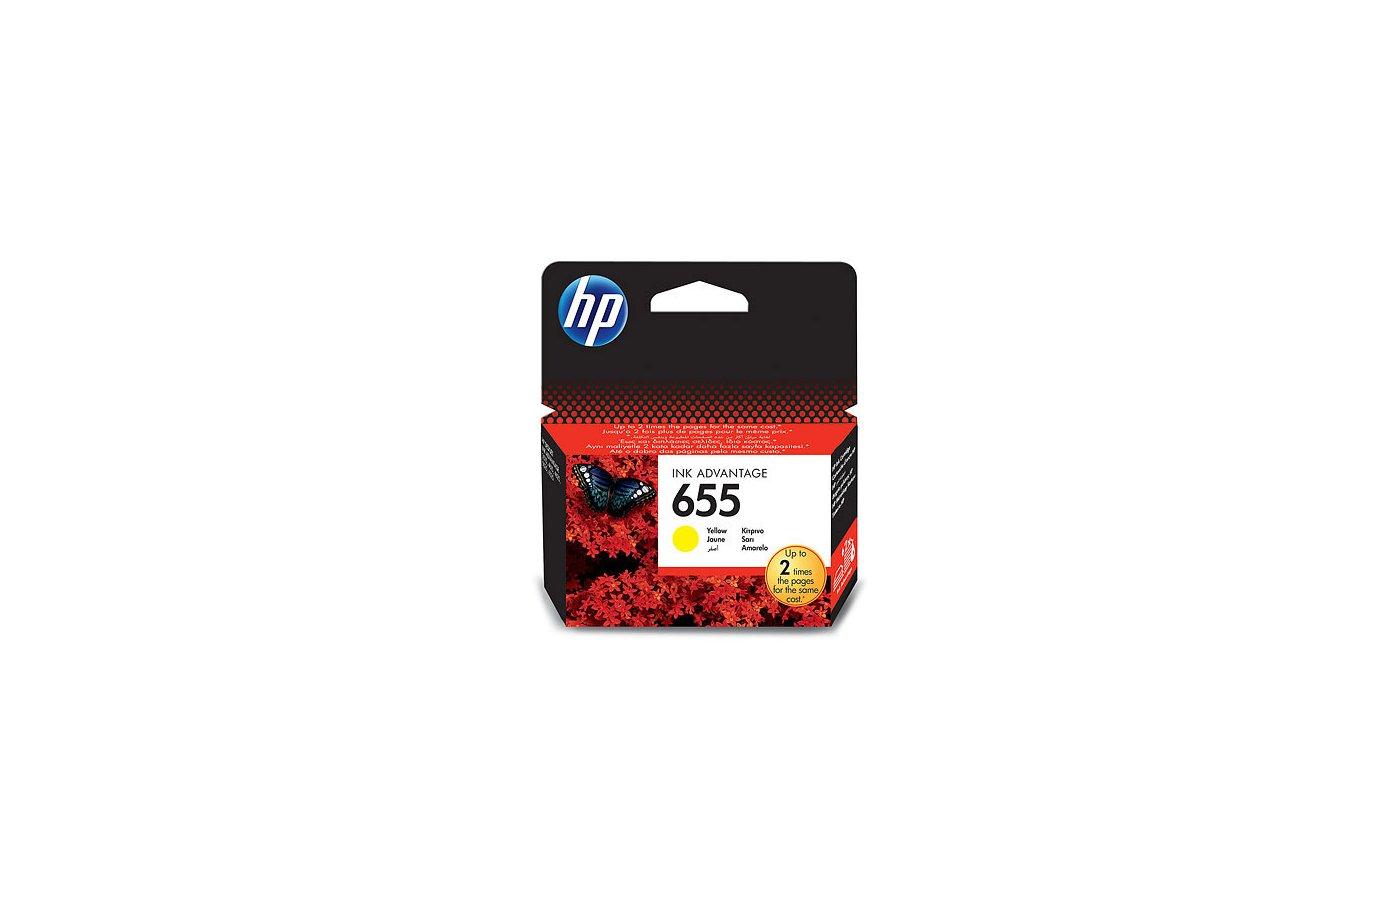 Картридж струйный HP 655 желтый для DJ IA 3525/5525/4615/4625